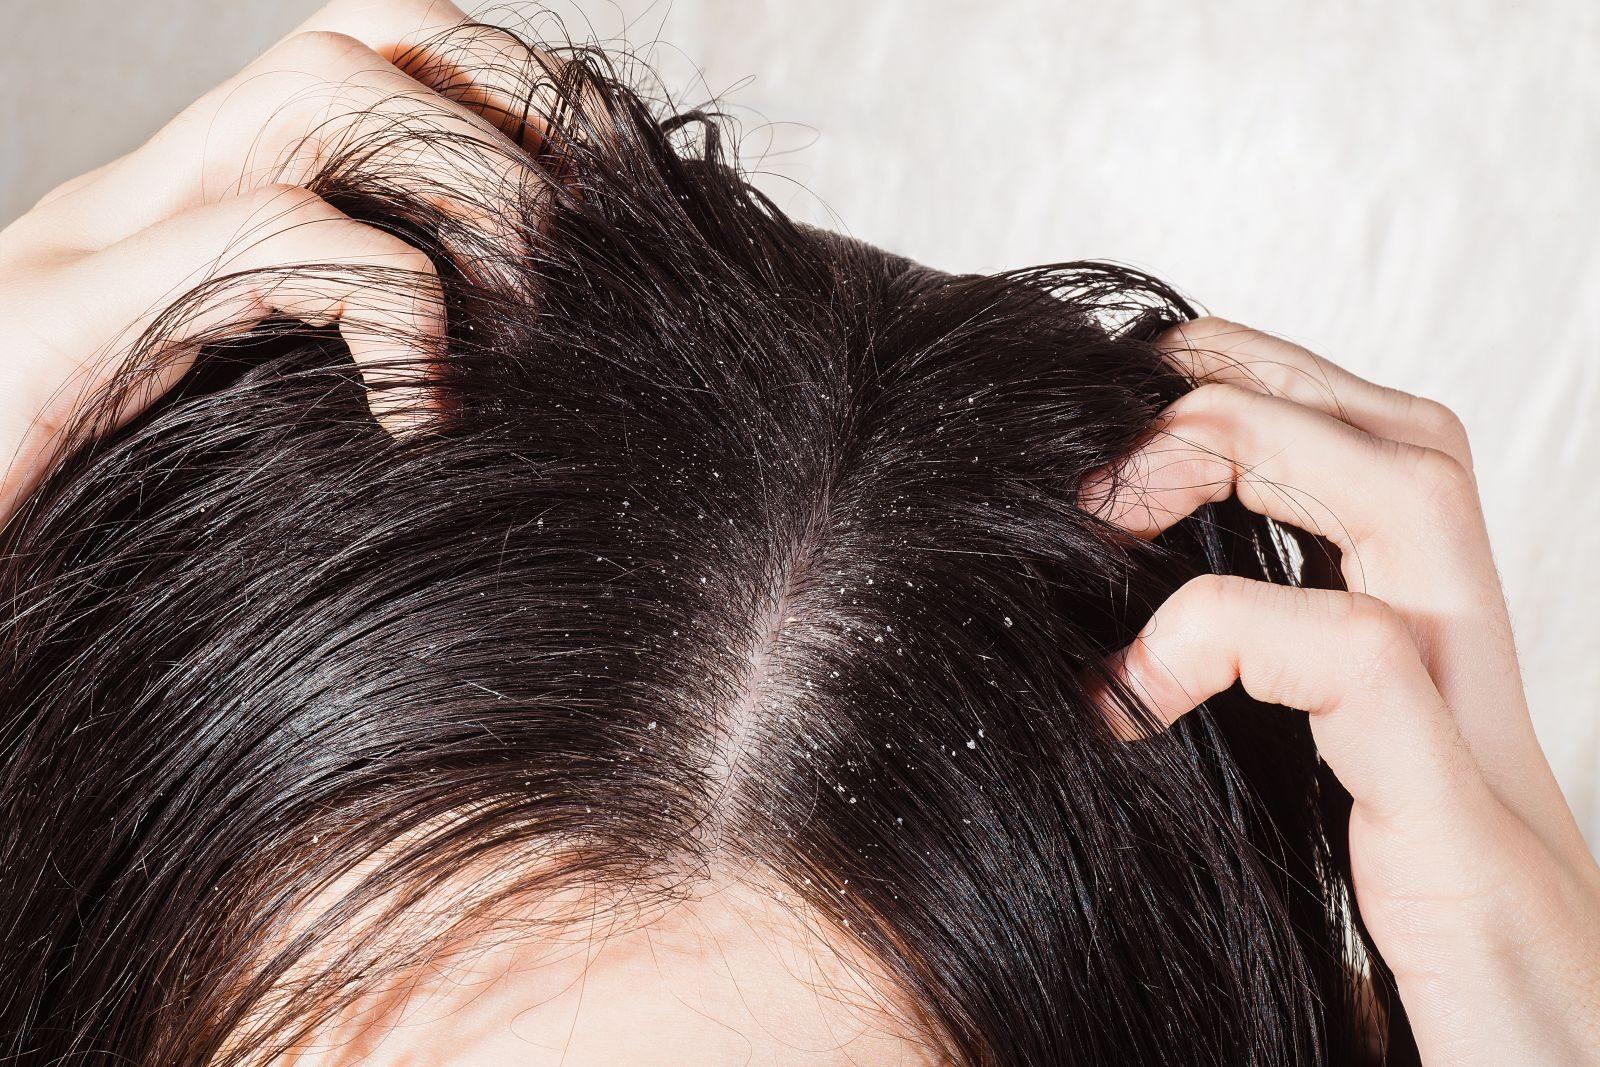 fejbőr psoriasis kezelése hormonok nlkl vörös foltok a kézen hámozódnak